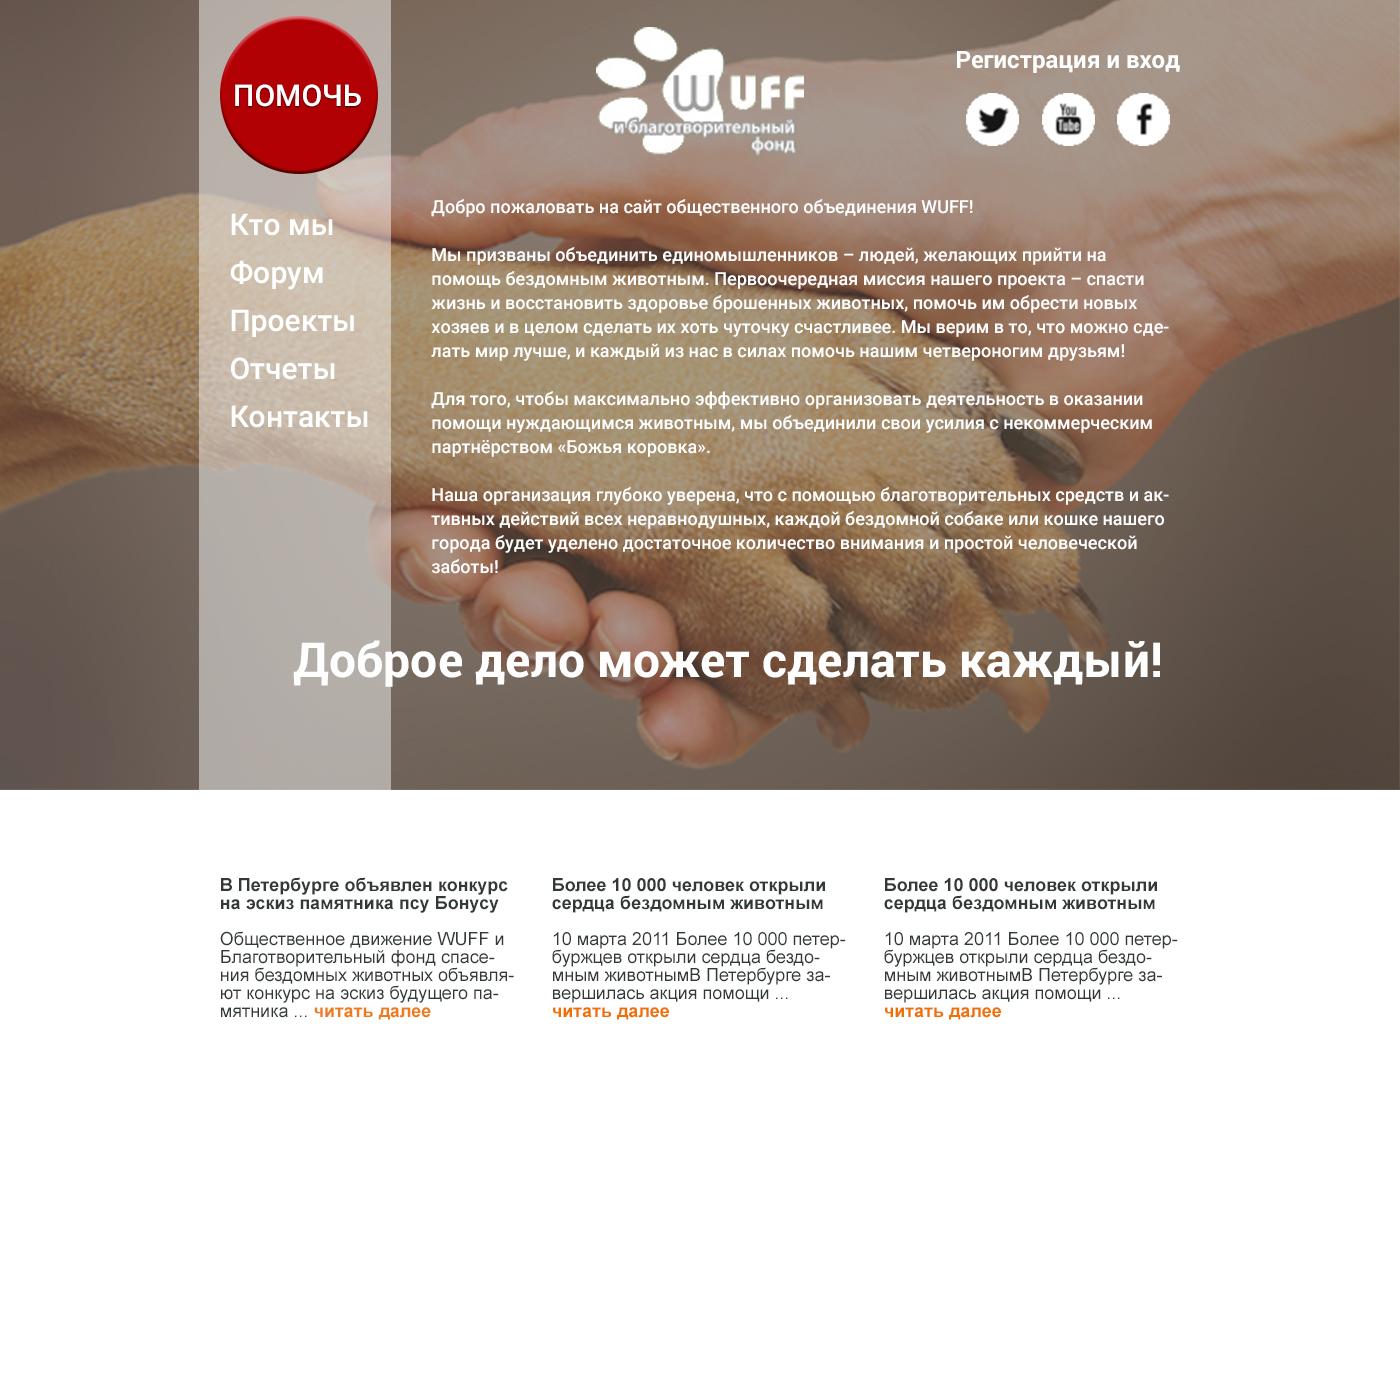 Требуется разработать дизайн сайта помощи бездомным животным фото f_521587a2a336d863.jpg